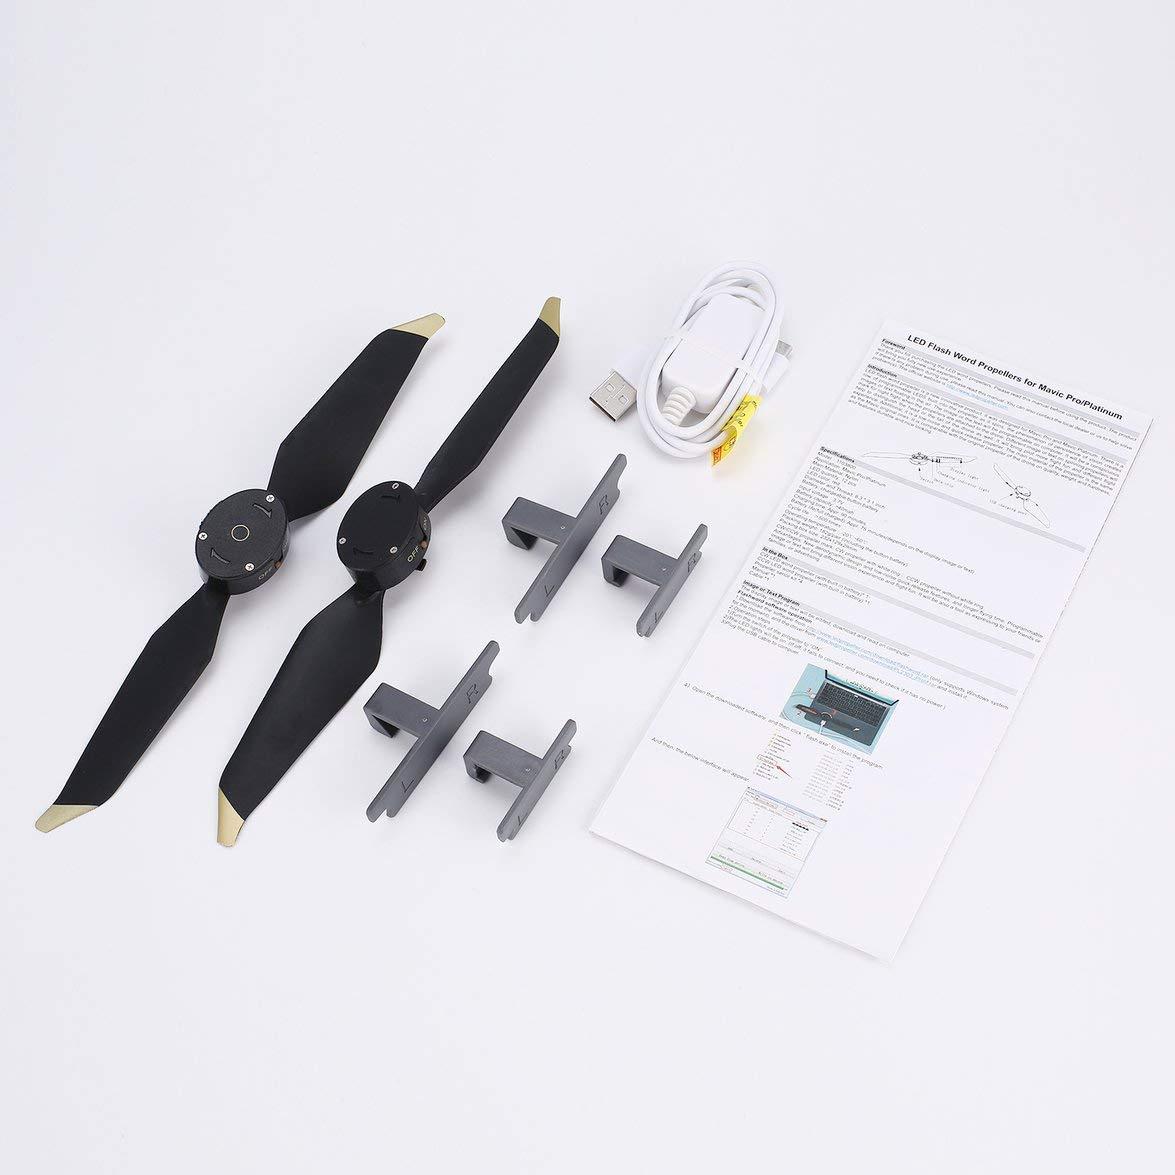 Kongqiabona 8331 Niedrig-Noise Blades Propeller Schnellspanner LED-Blitz Wort Programmierbare CW CCW Requisiten für DJI Mavic Pro/Platinum RC Drone